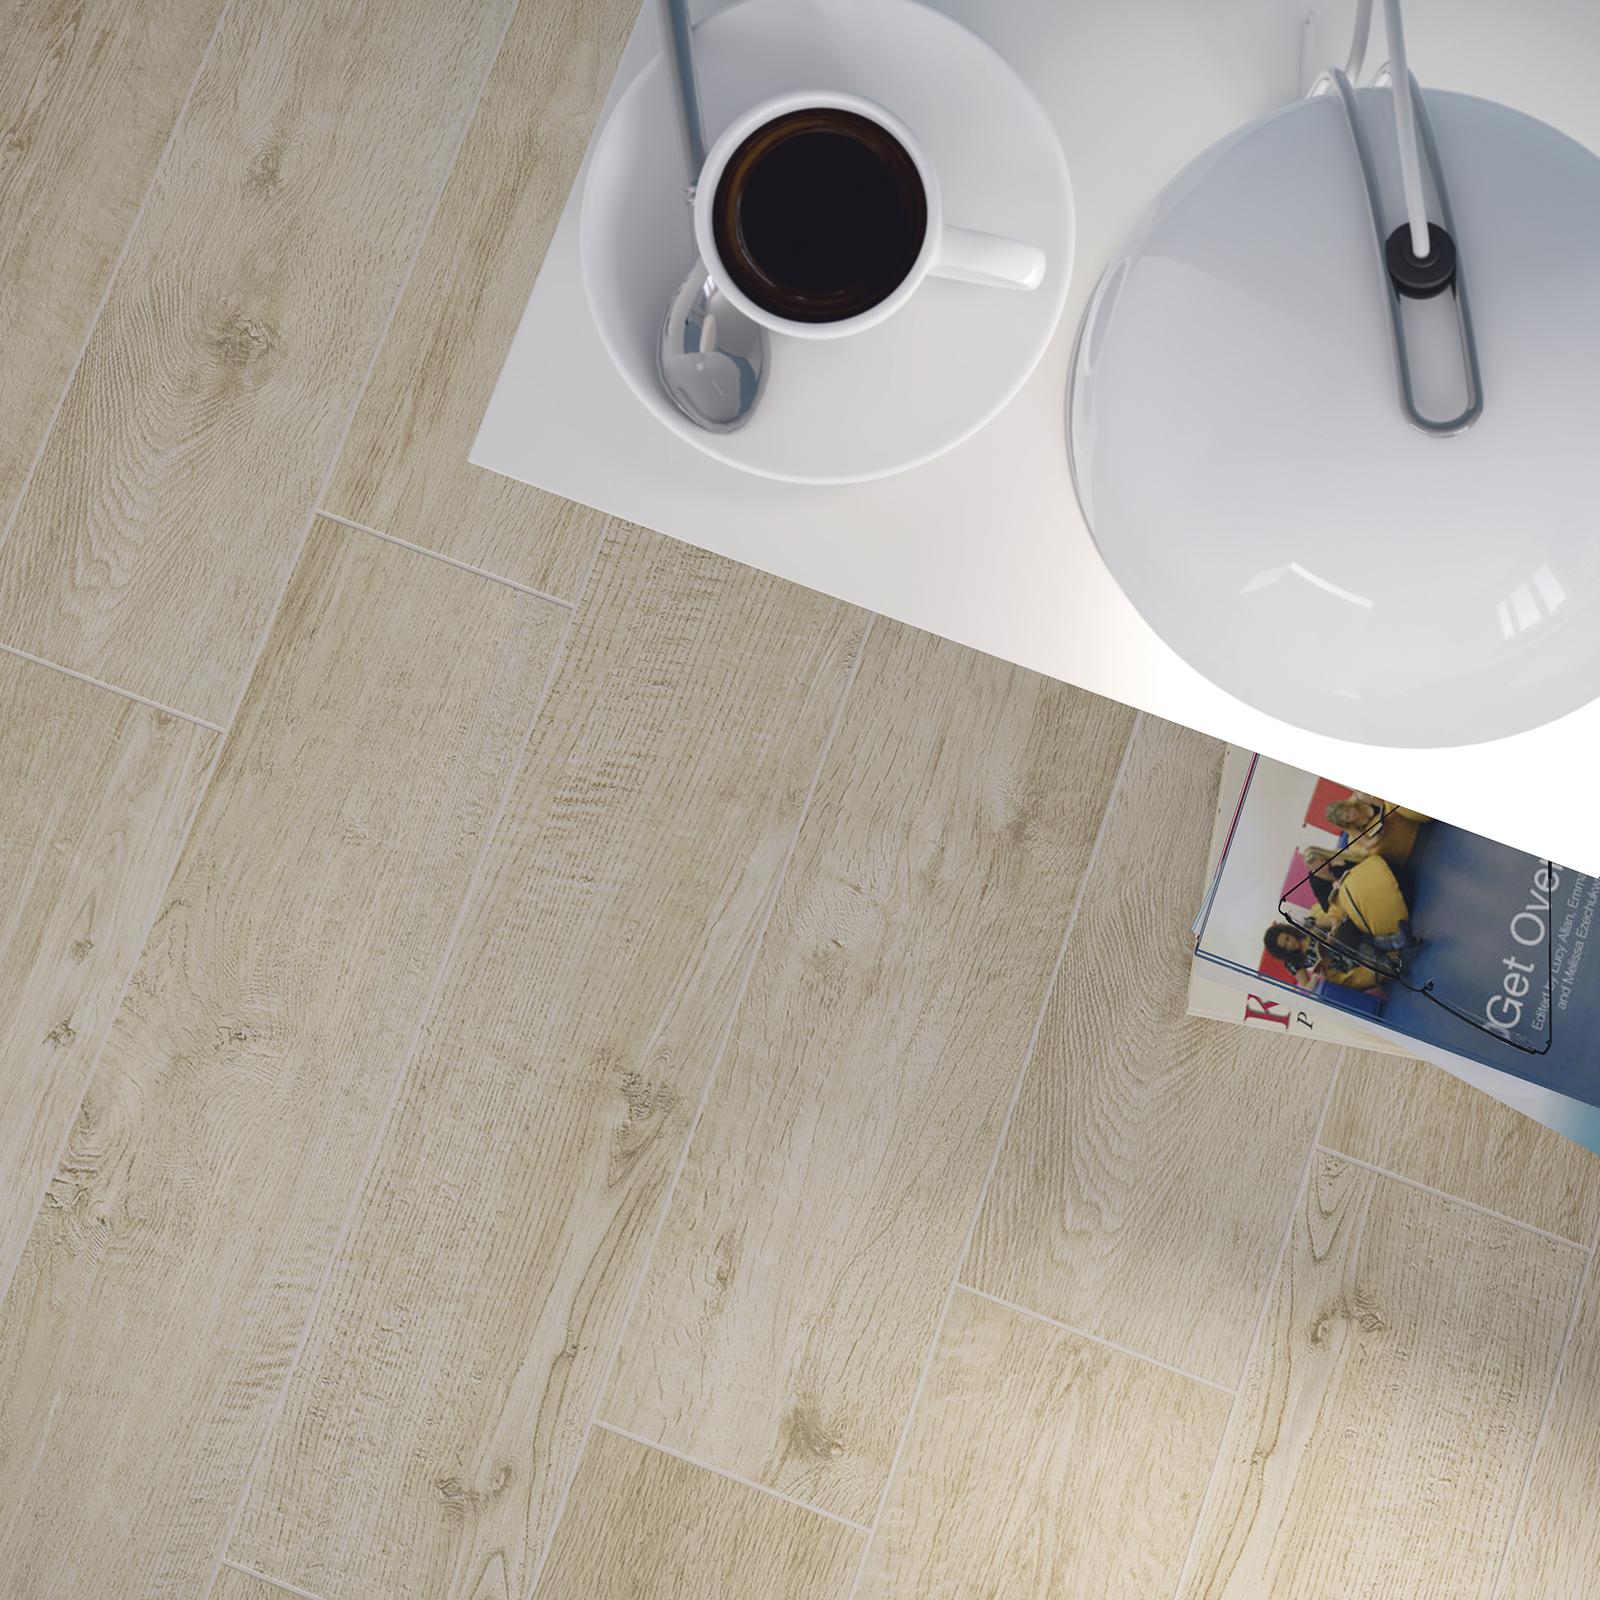 Horizon pavimentazione effetto legno marazzi - Marazzi piastrelle prezzi ...